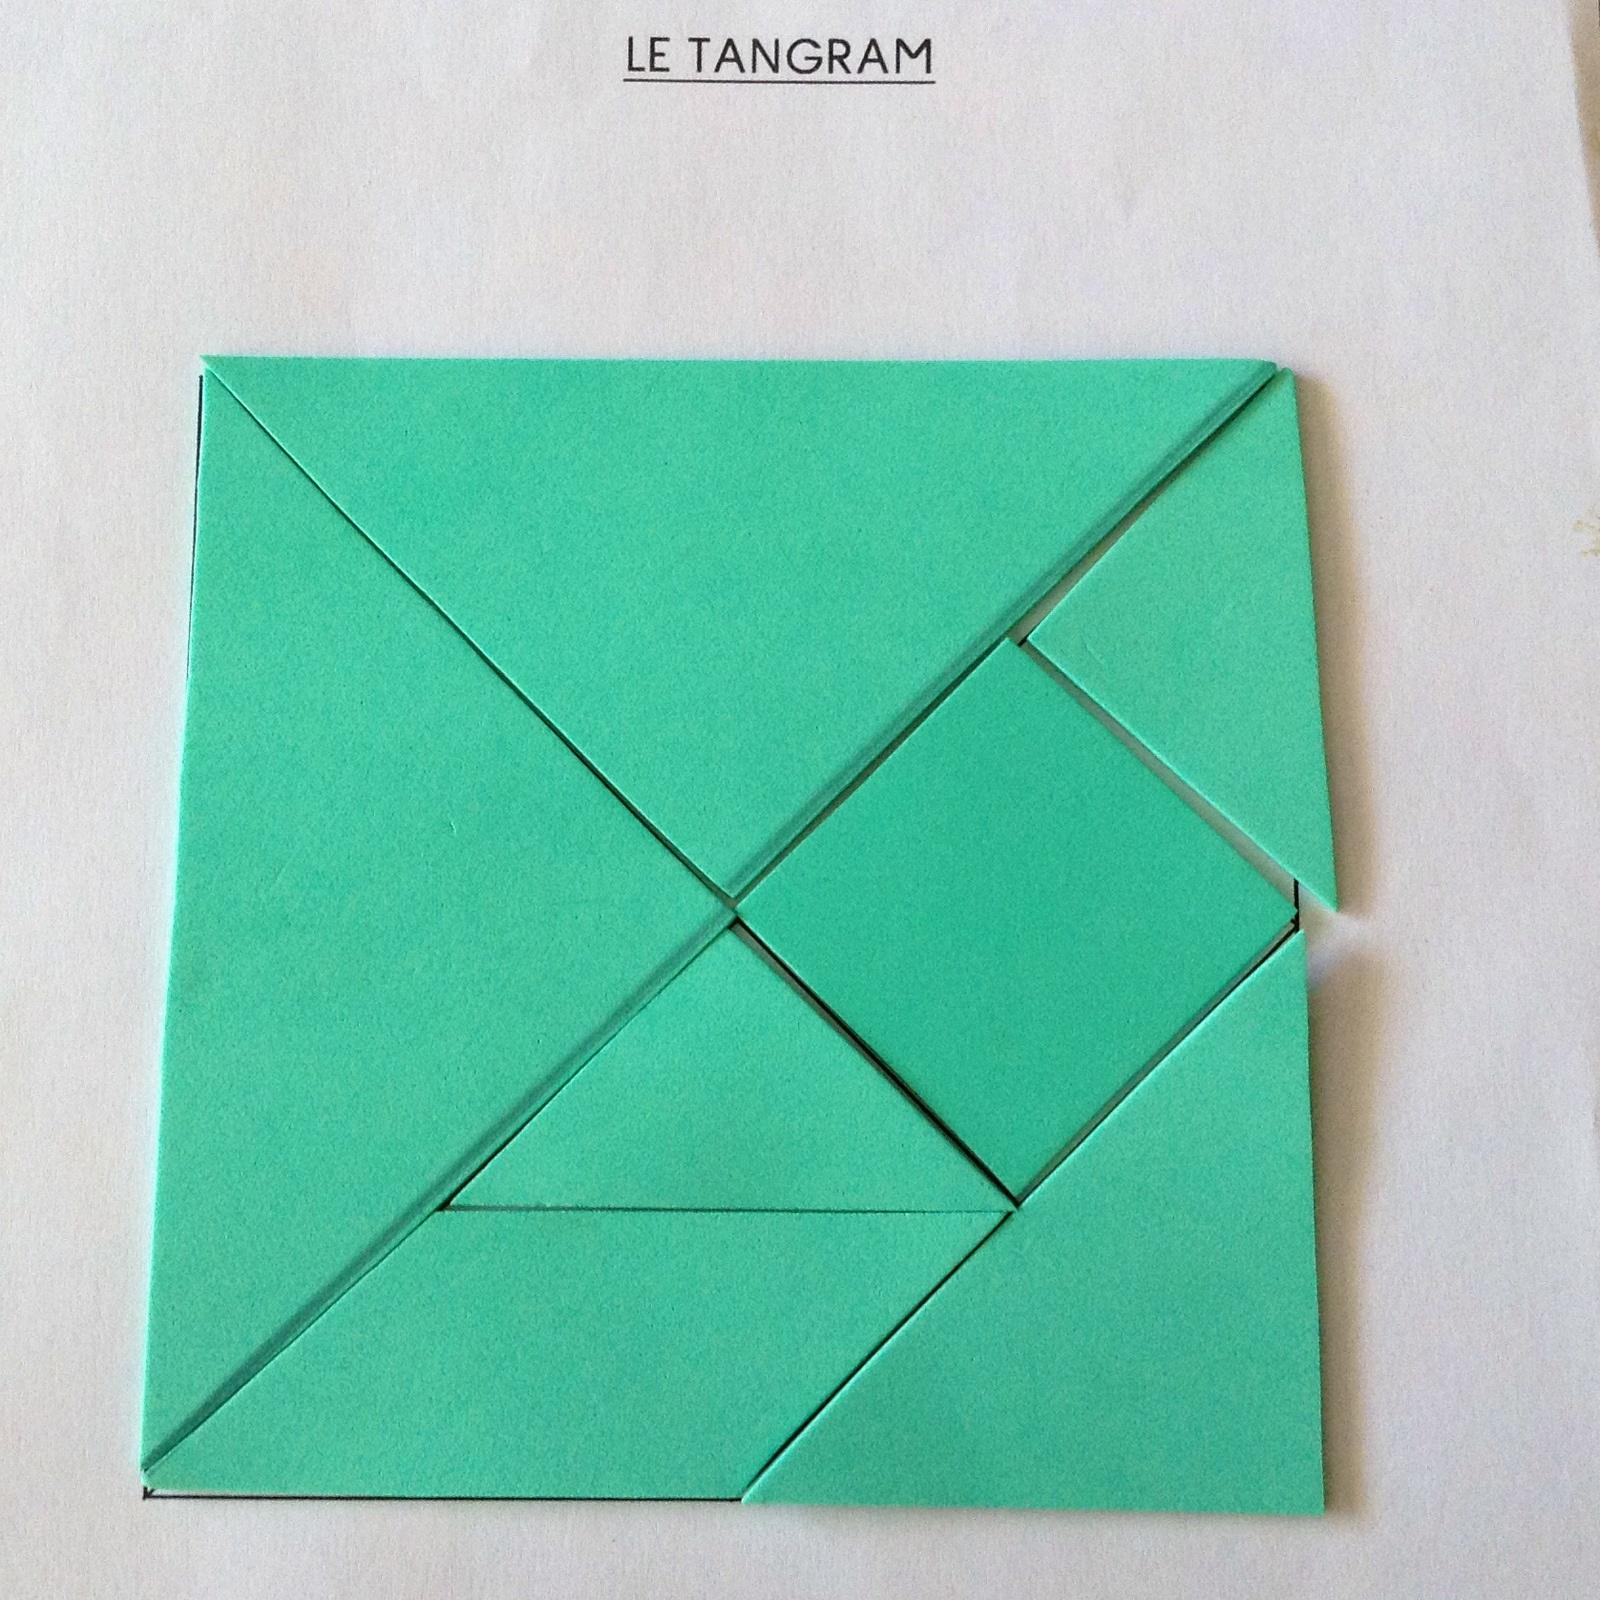 Séance Découverte Du Tangram (Avec Les Enfants De Maternelle tout Tangram Carré